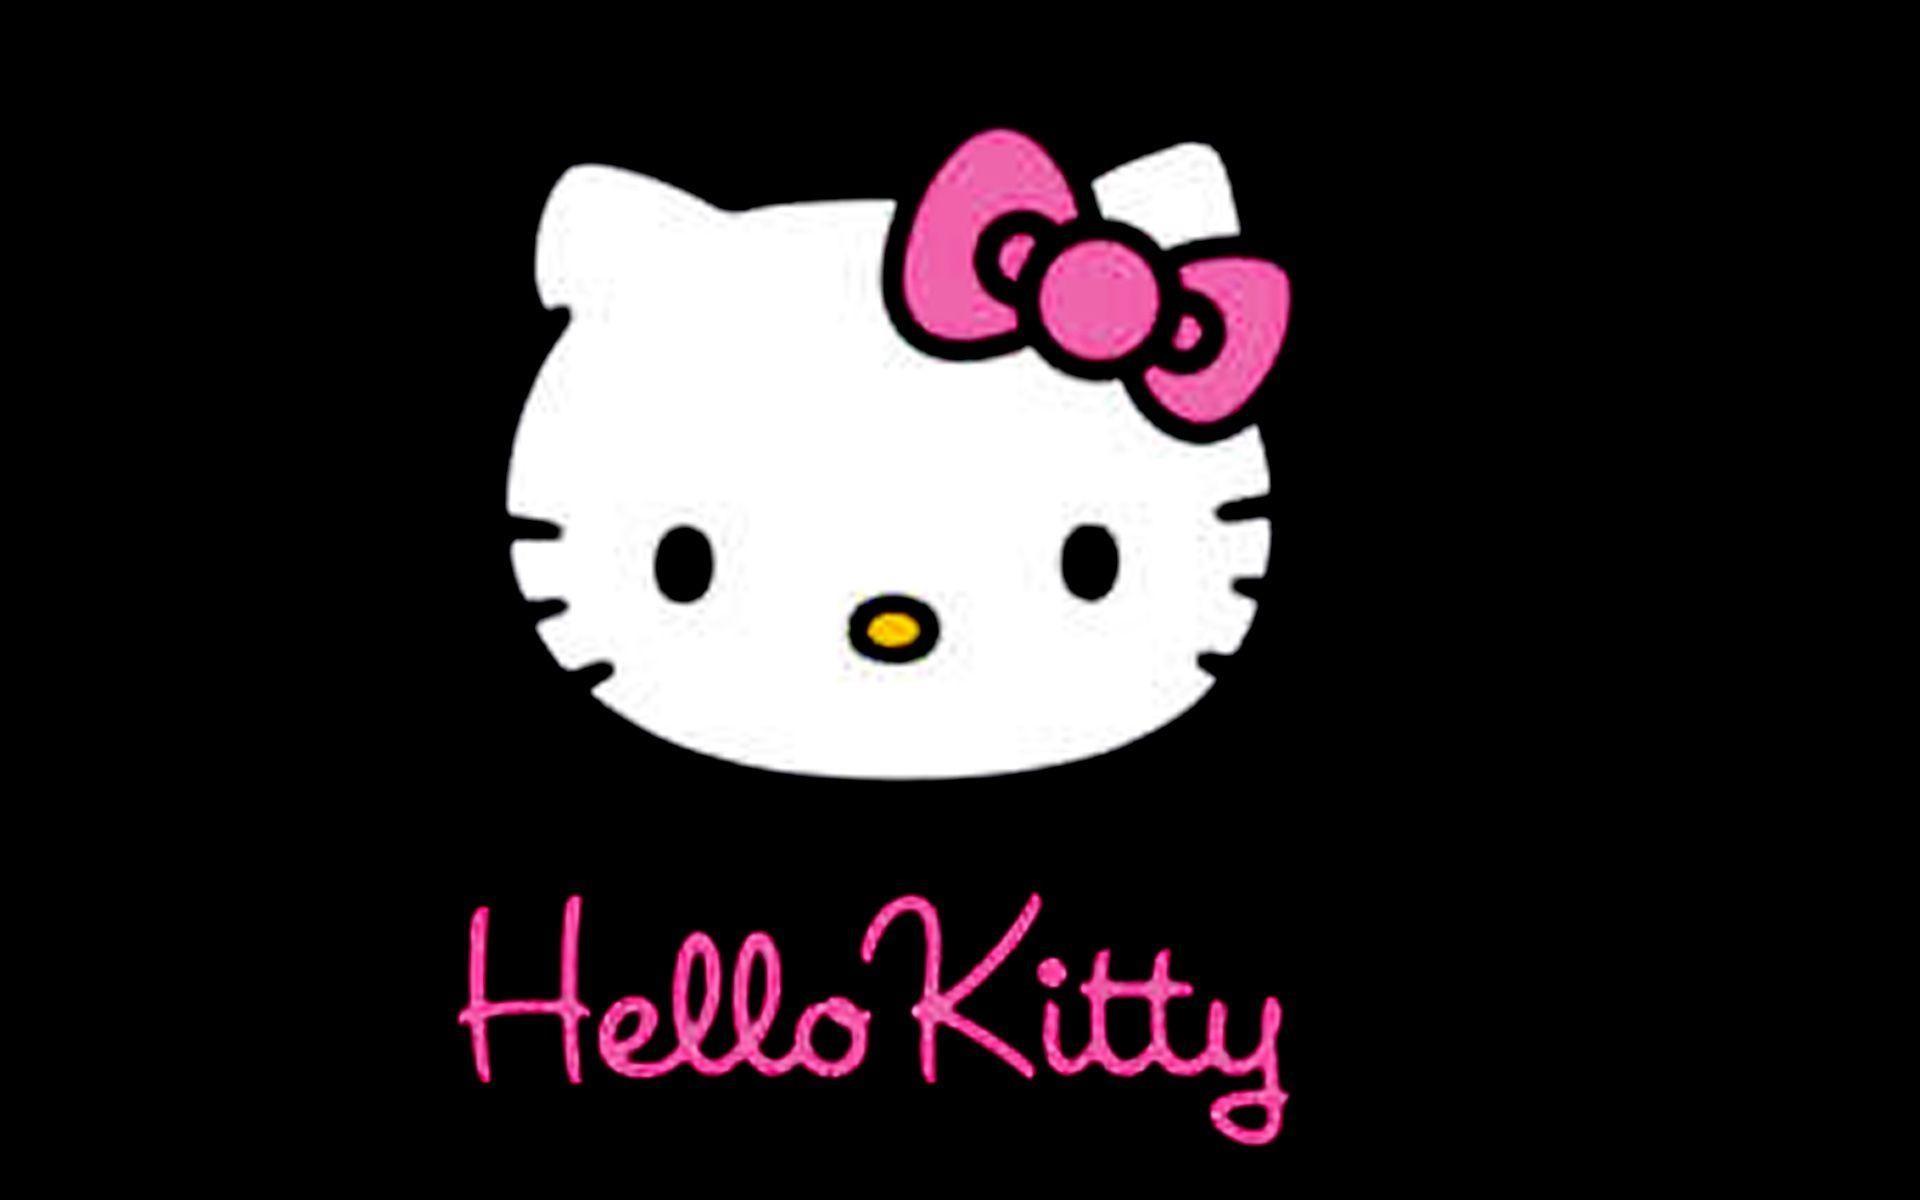 Niedlich Hallo Kitty Bilder Färben Fotos - Malvorlagen Von Tieren ...